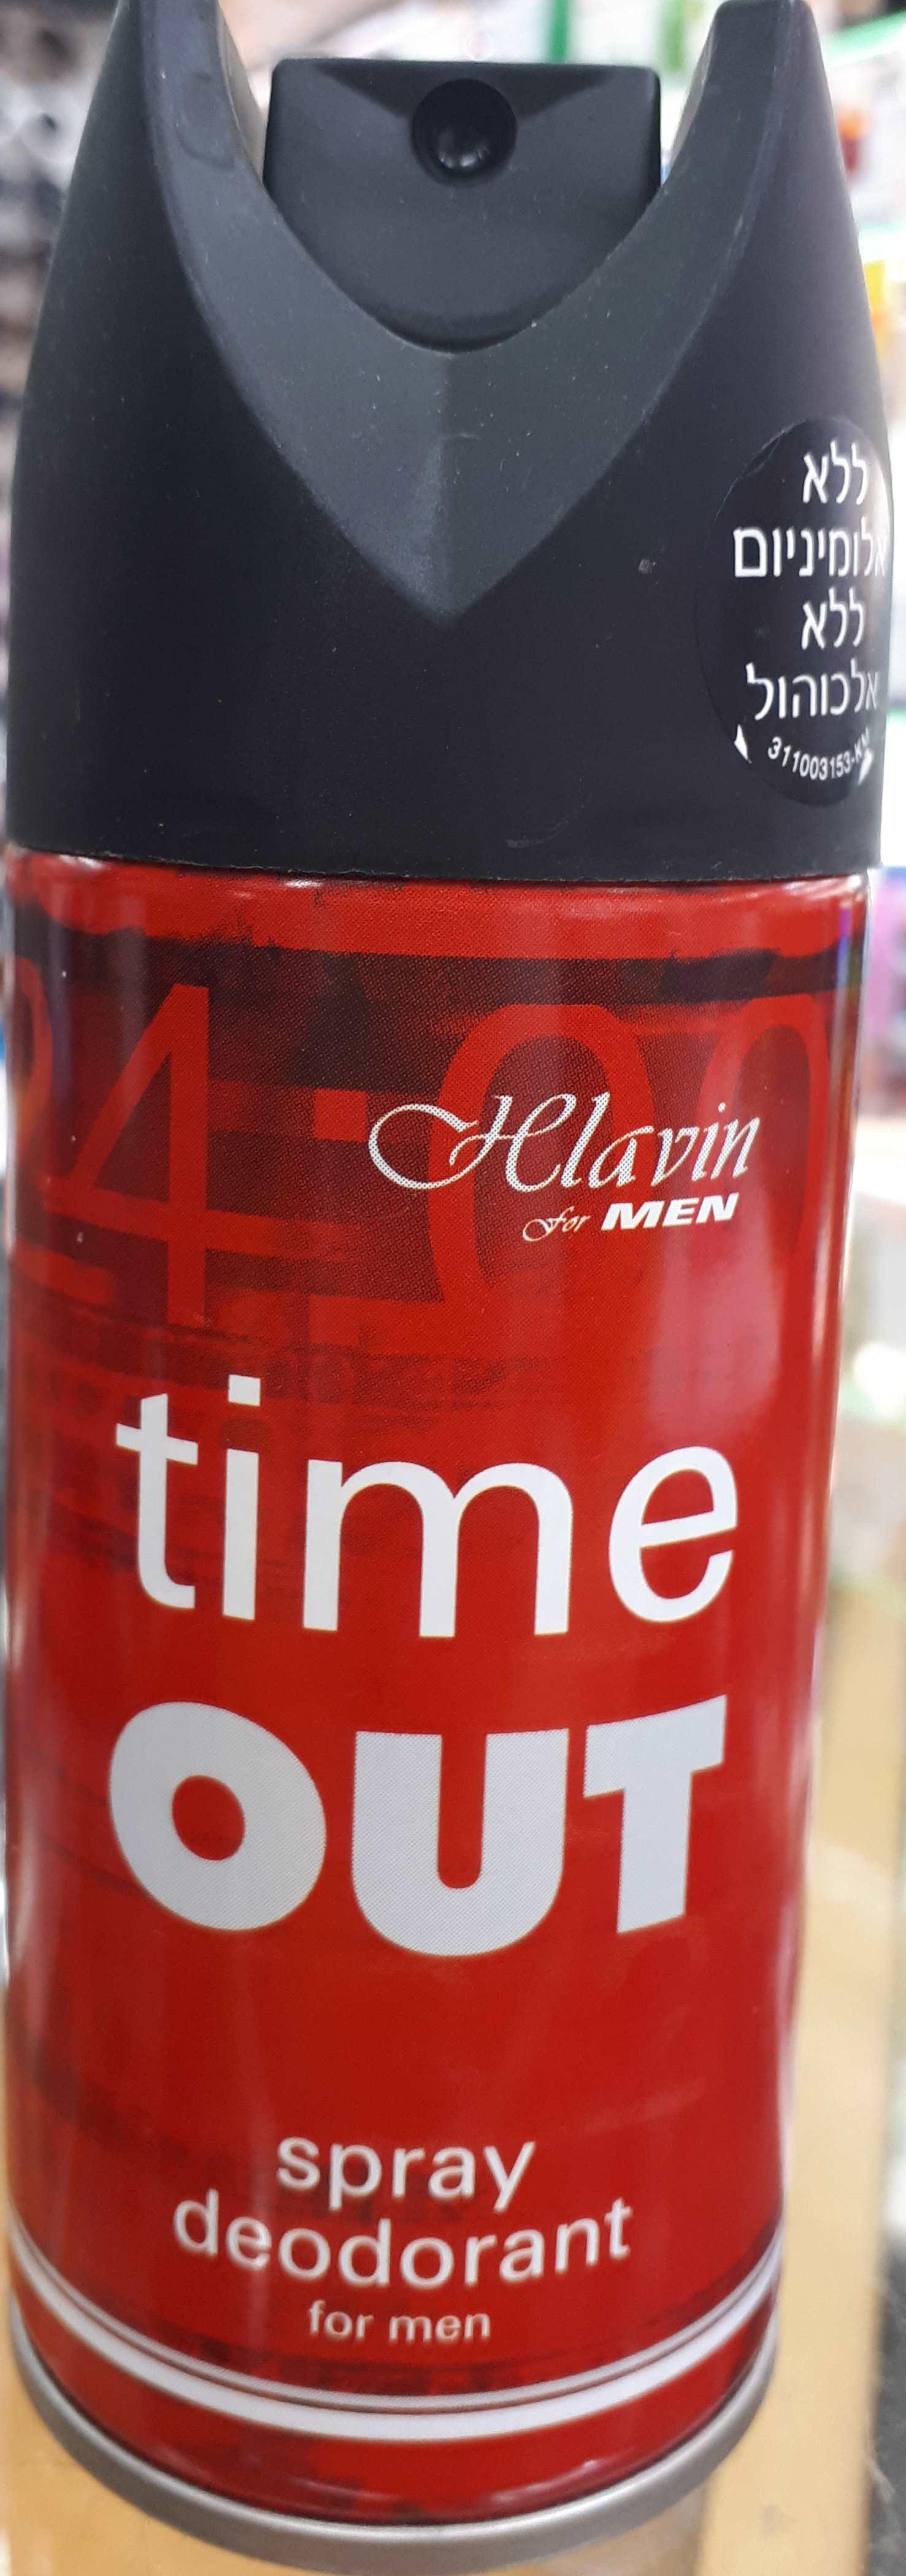 TimeOut דאודורנט ספריי לגבר חלאבין